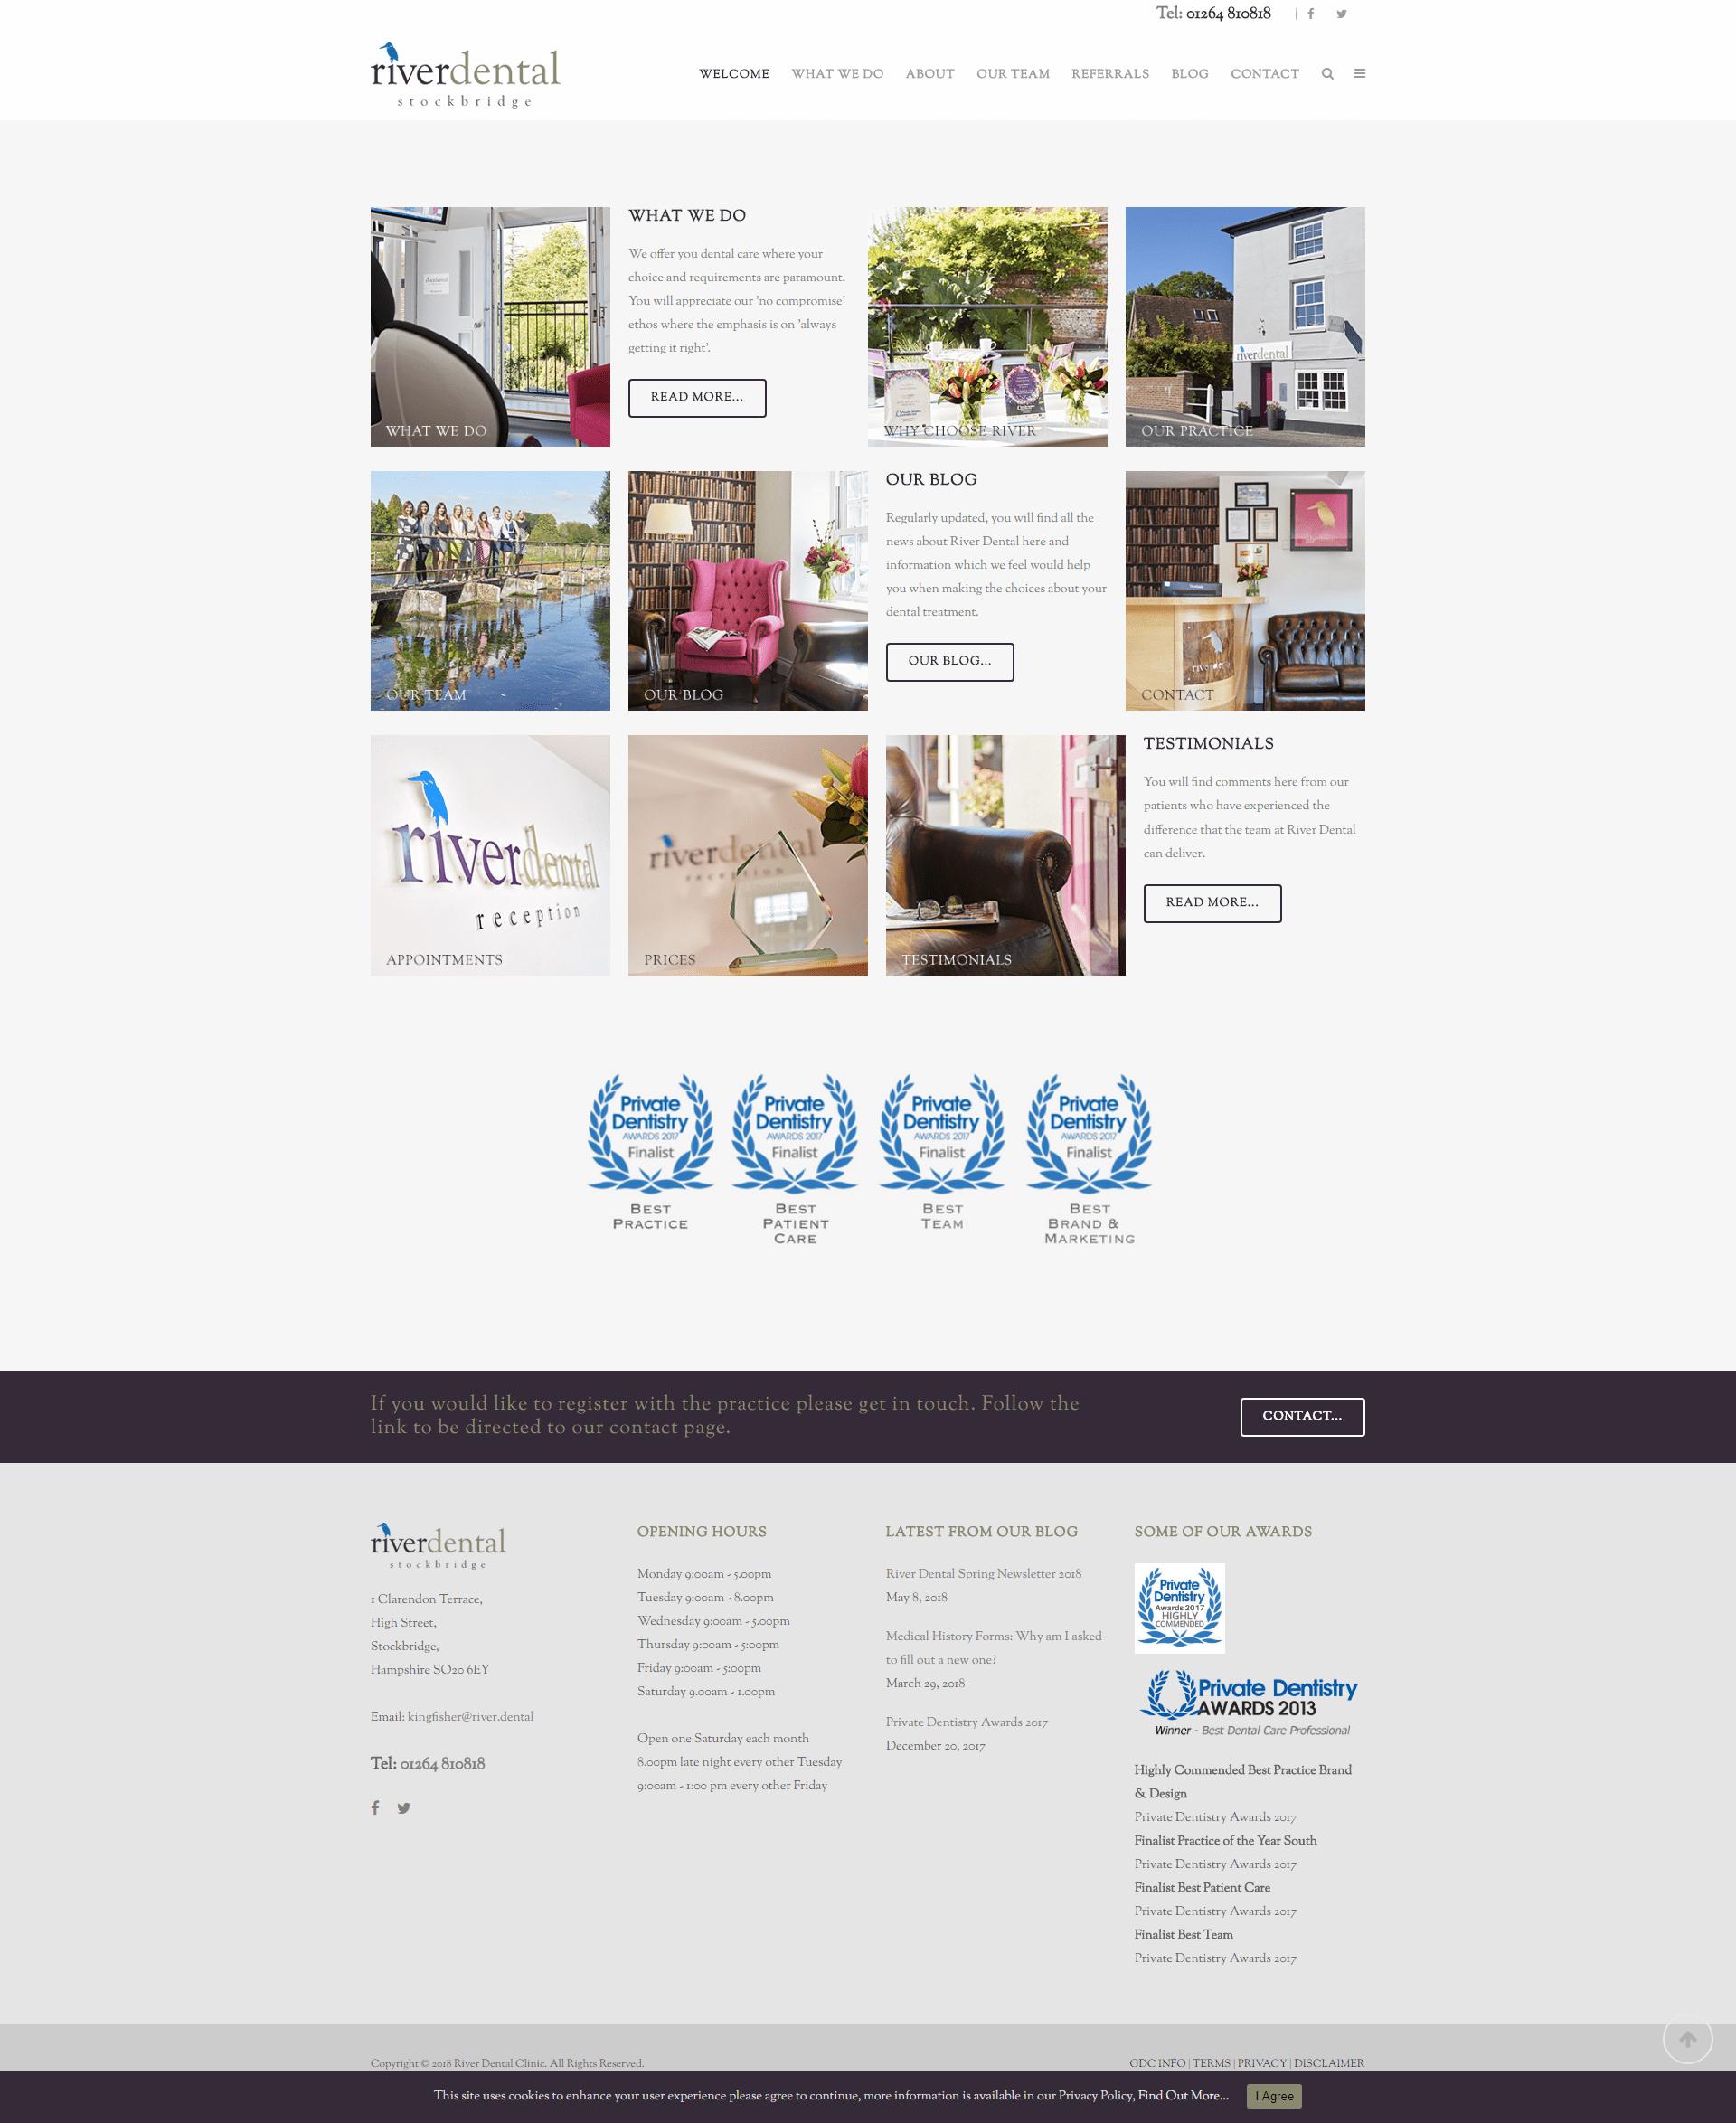 river dental website design